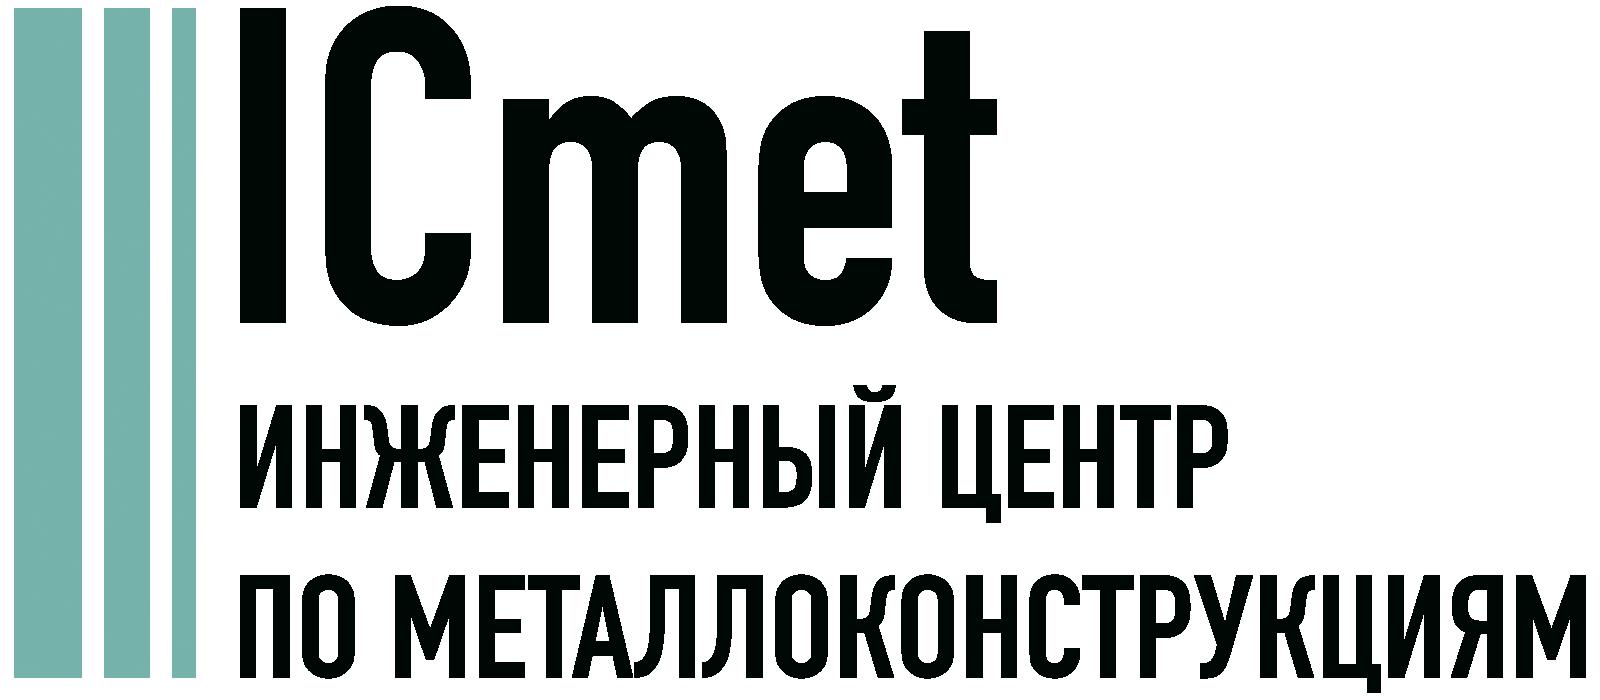 Проектирование металлоконструкций в Екатеринбурге